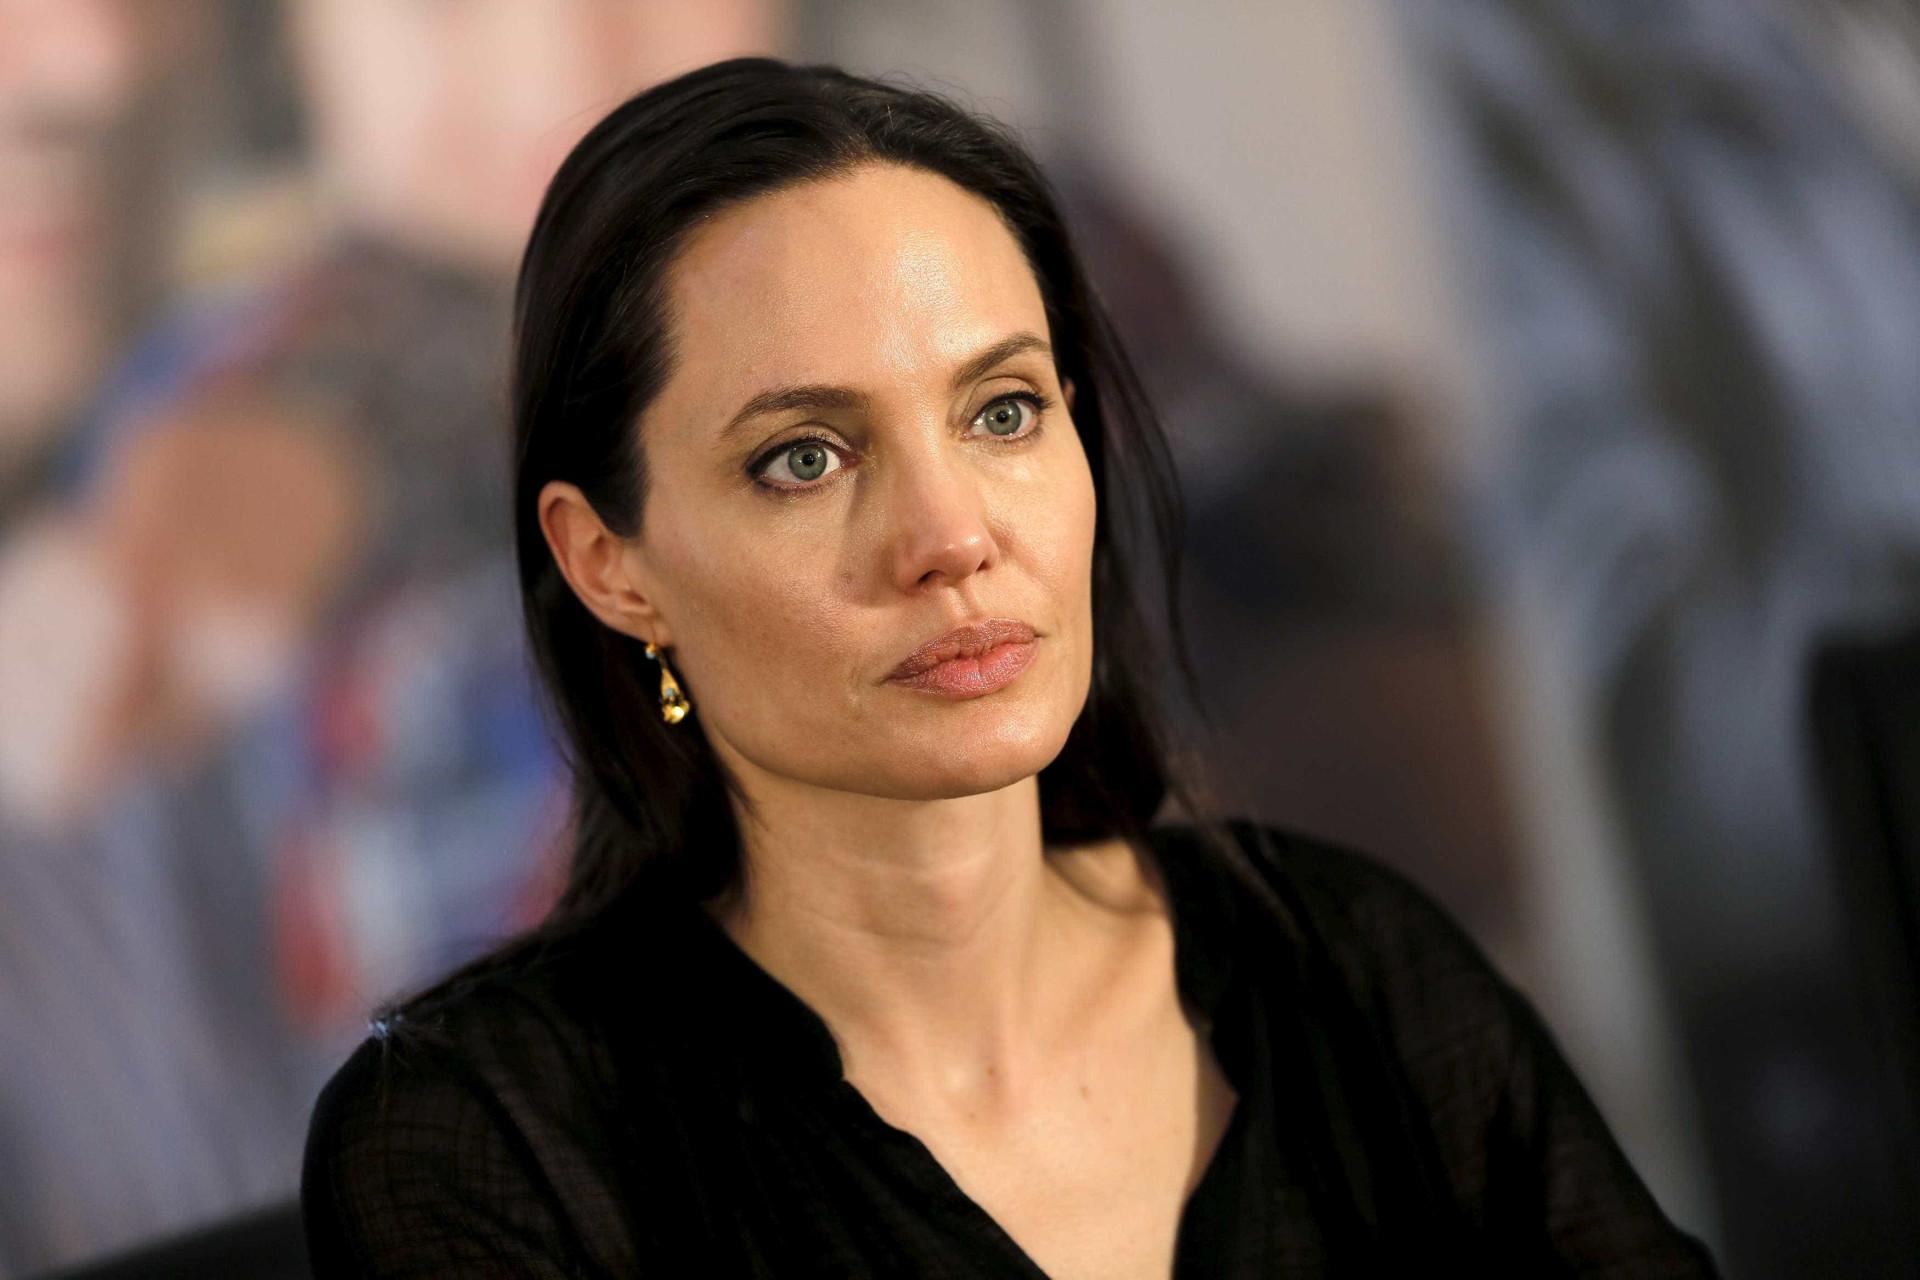 Jolie 'apanhada' pelos paparazzi pela primeira vez depois do divórcio